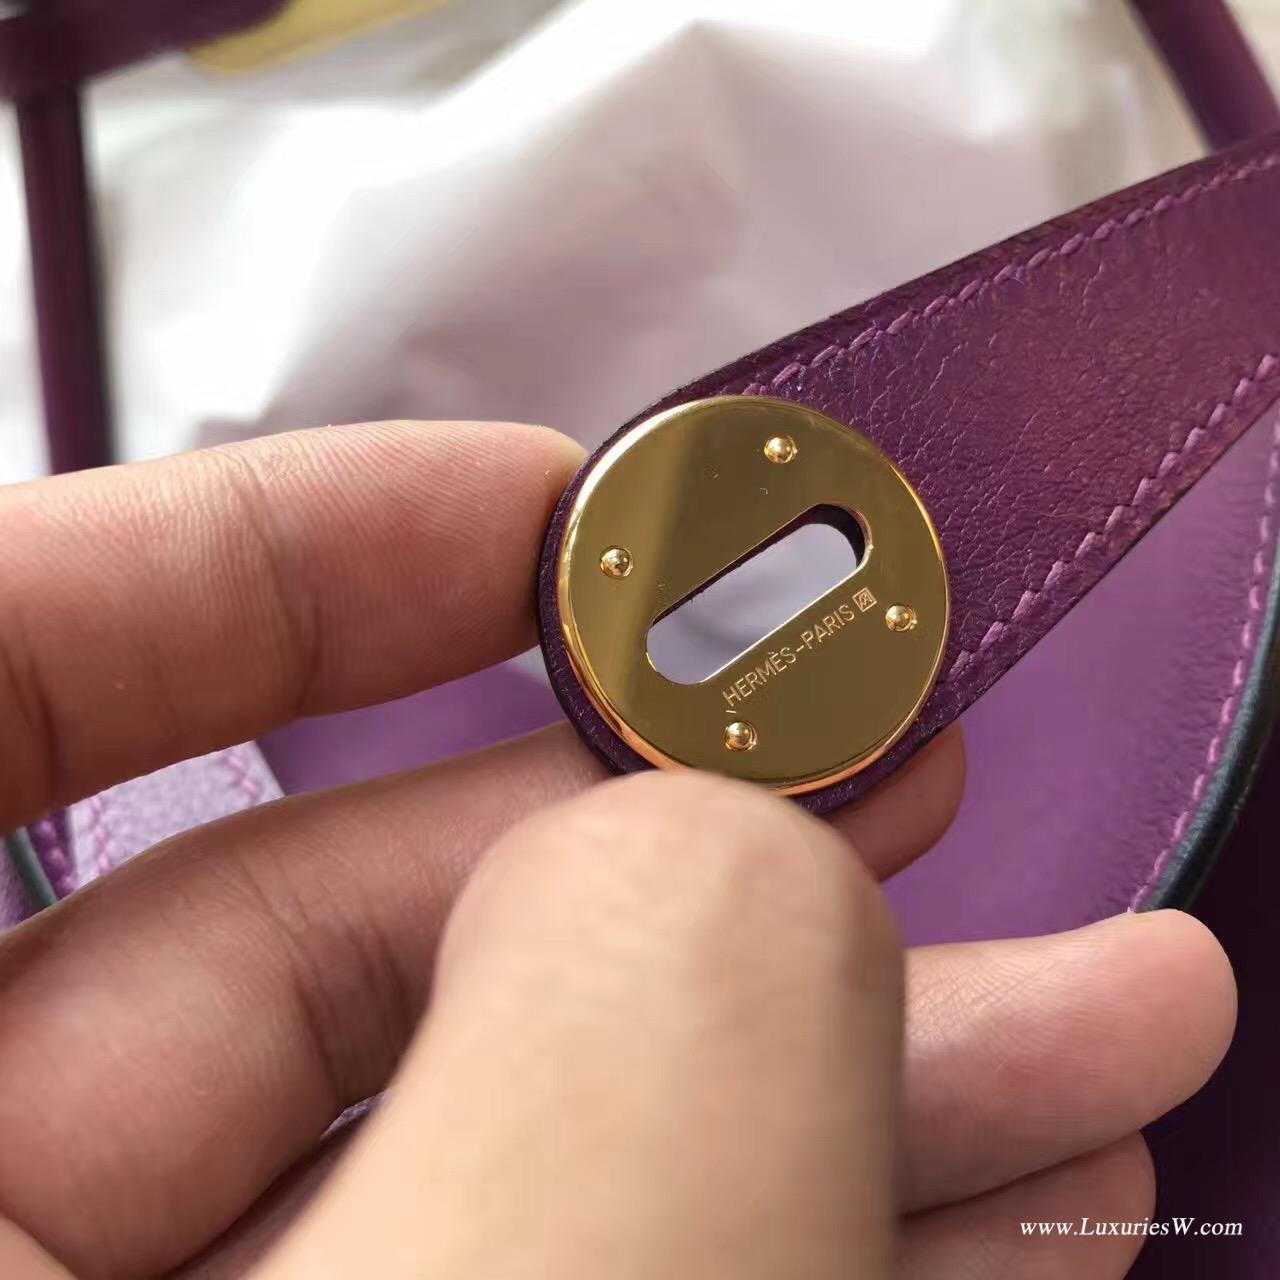 愛馬仕Lindy 26 Swift P9 Anemone 海葵紫/C9 Soufre鵝蛋黃 金扣